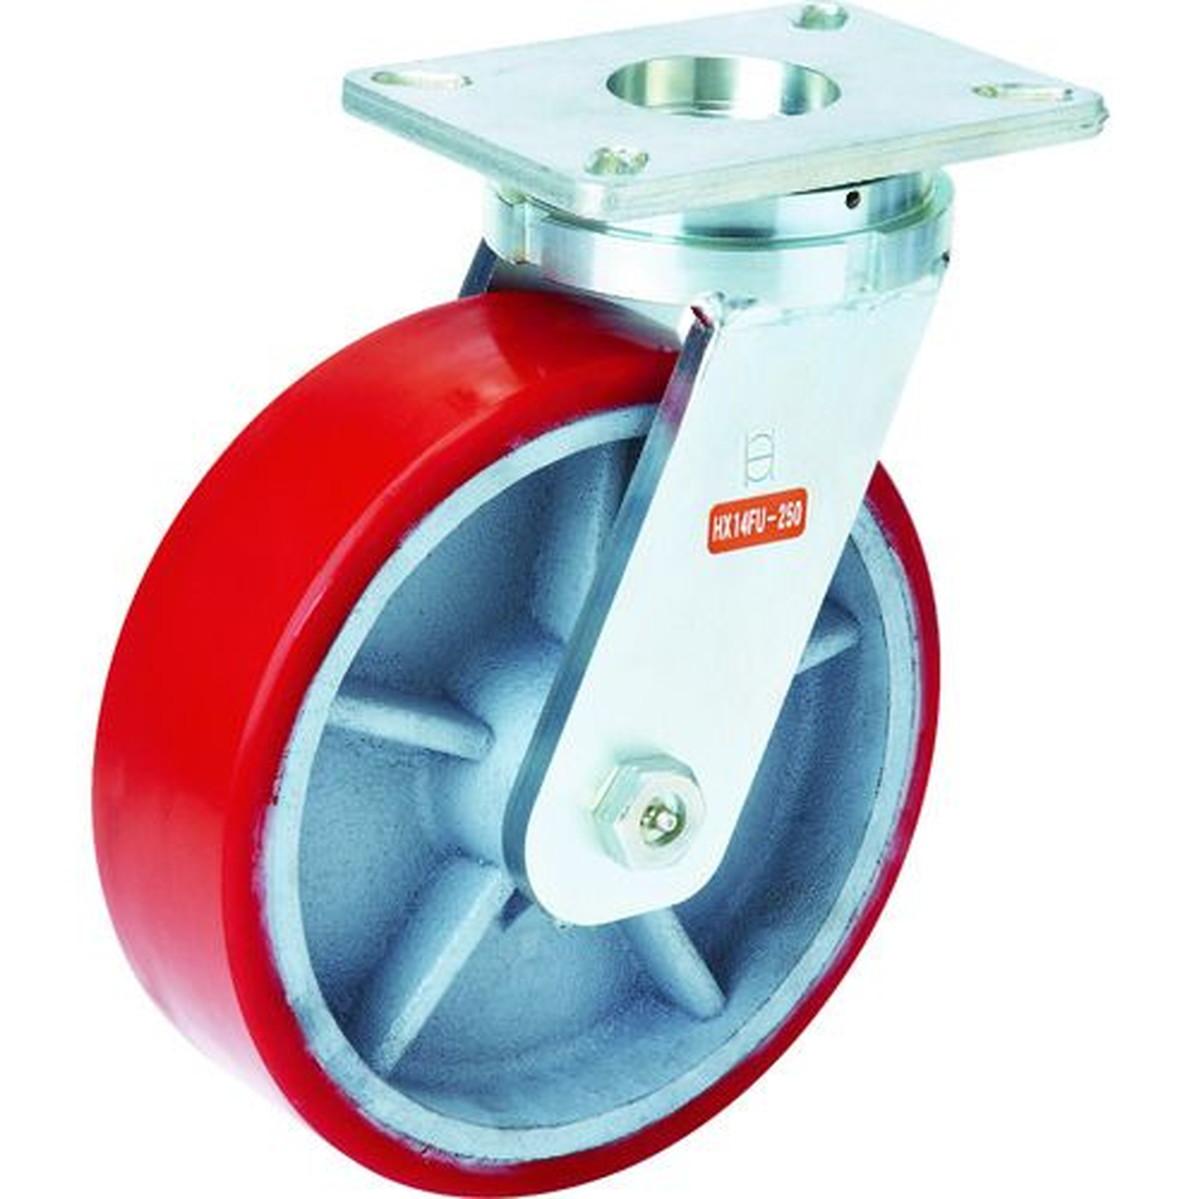 あす楽対応 DIY用品 OH スーパーストロングキャスターHXシリーズ超重荷重用 車輪径150mm 格安店 売買 ウレタン車 1個